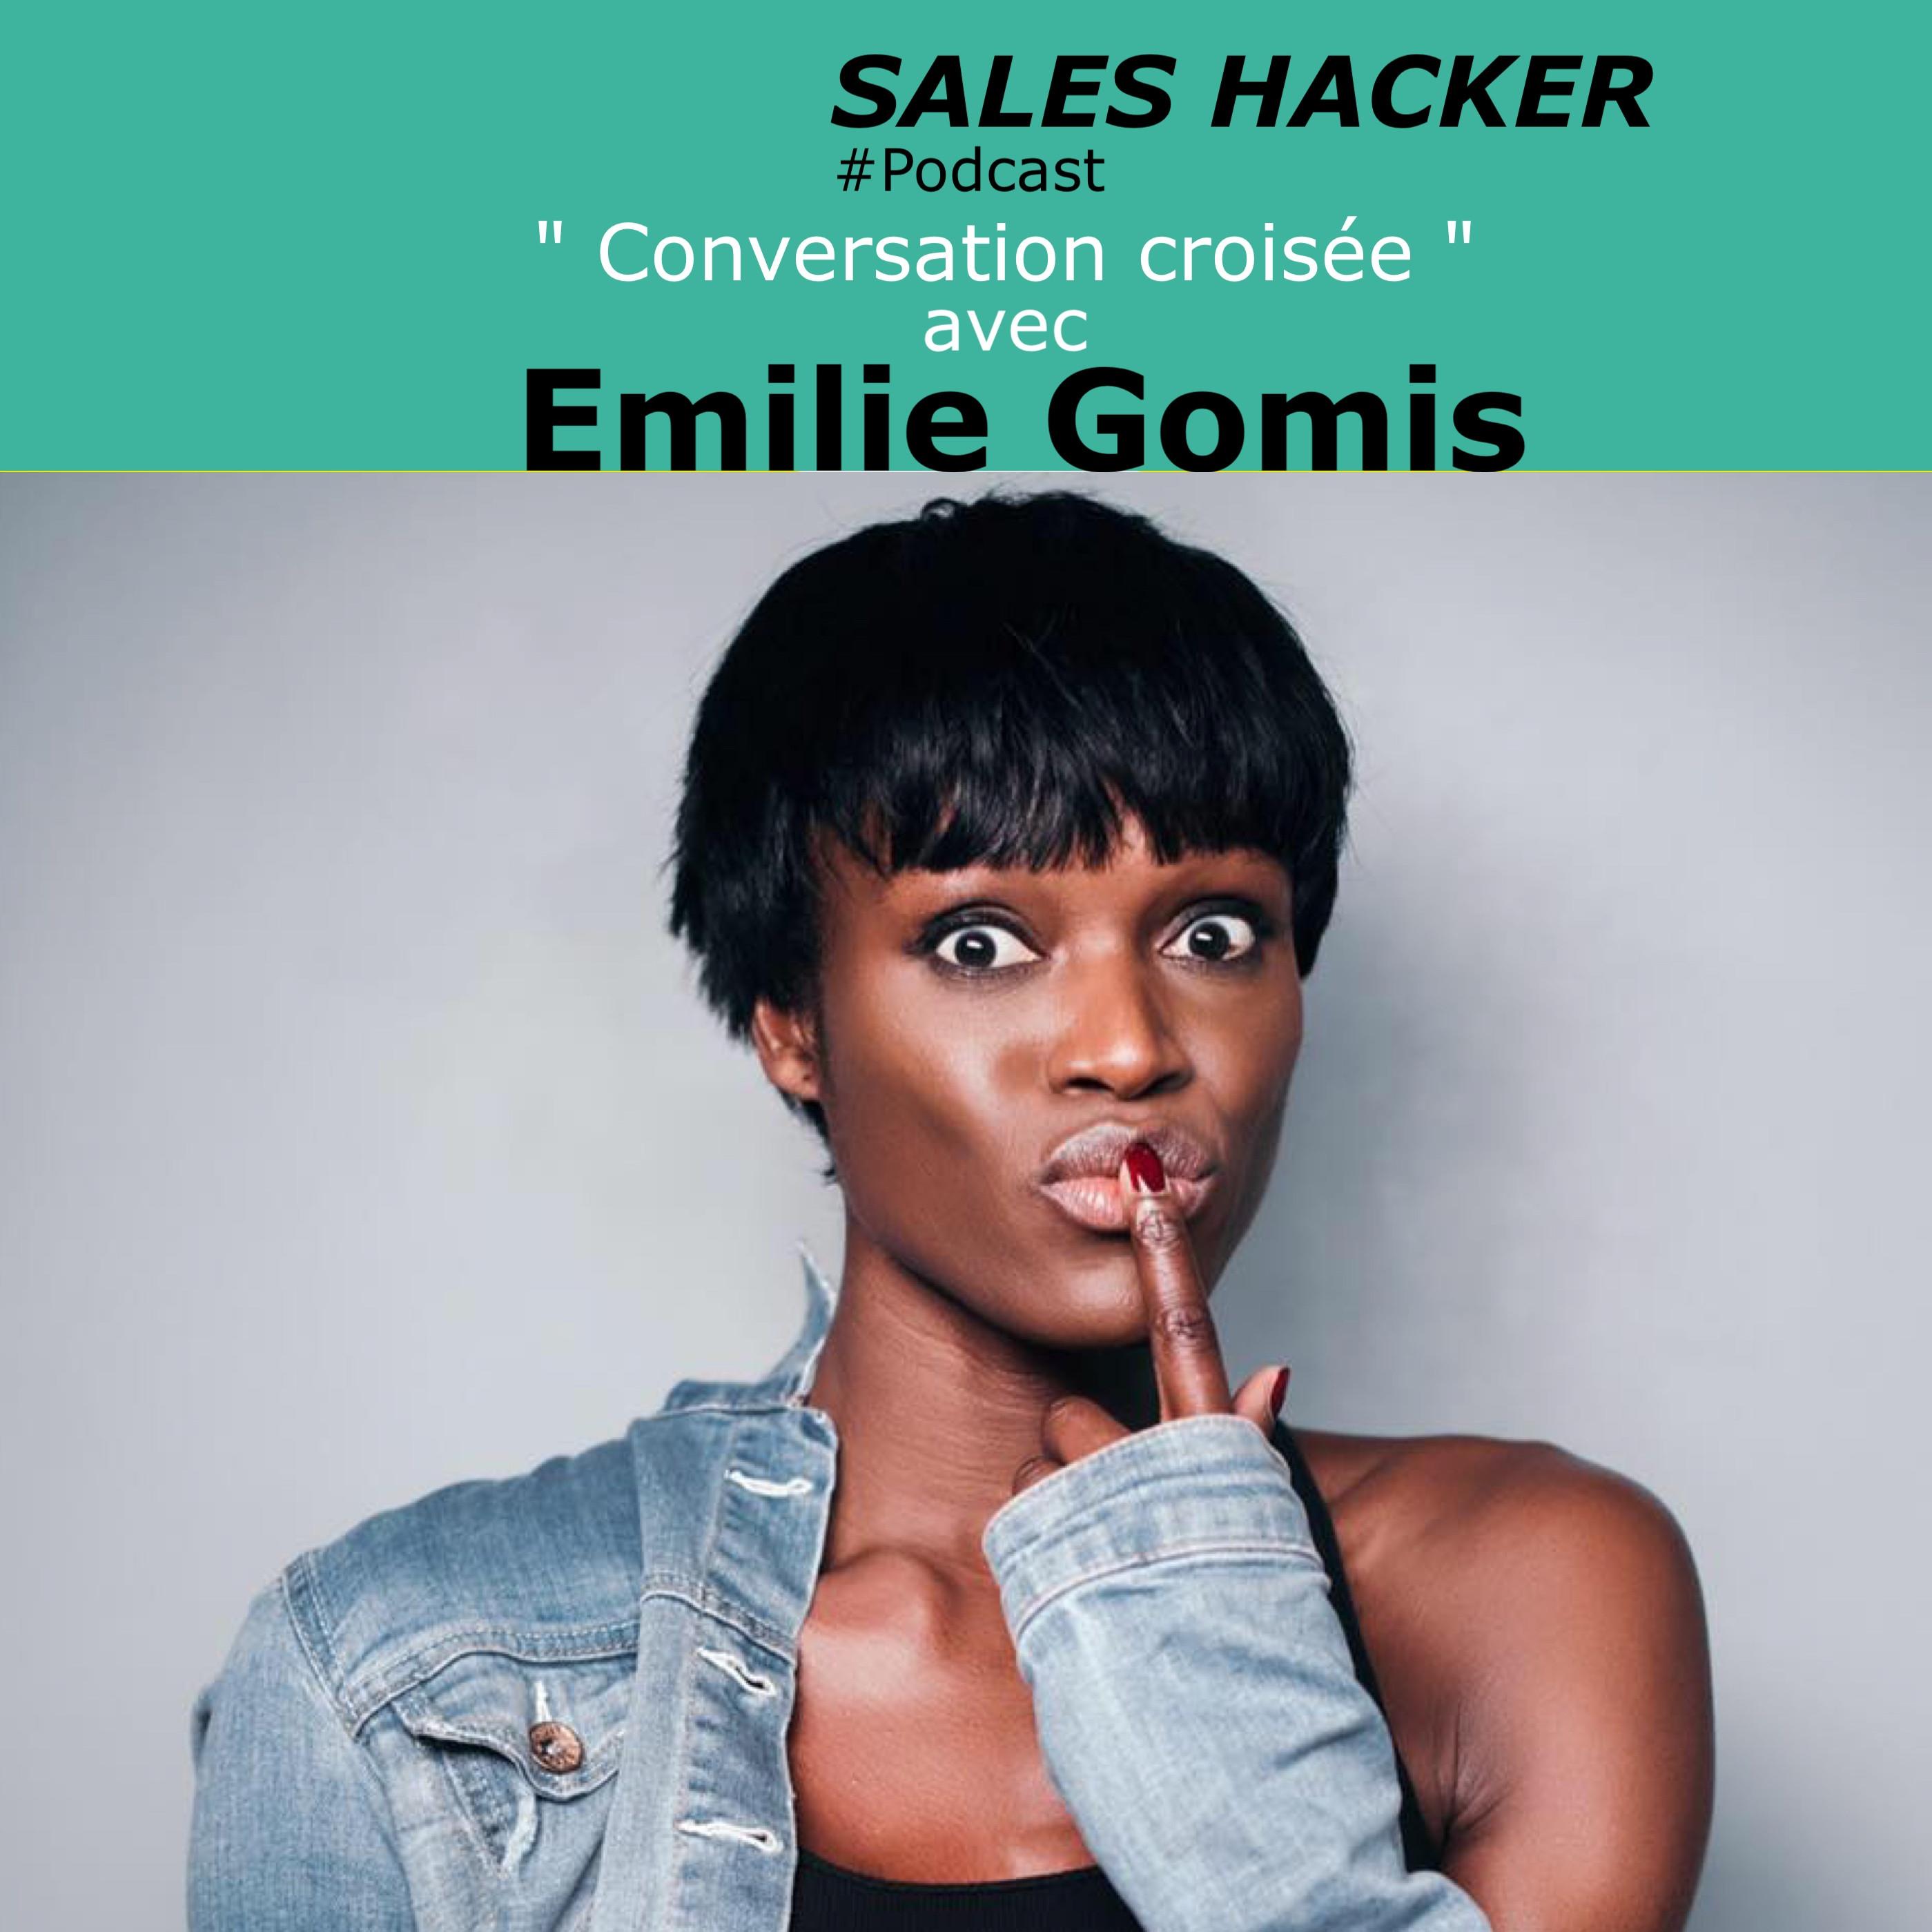 #11 - Conversation croisée - Emilie Gomis